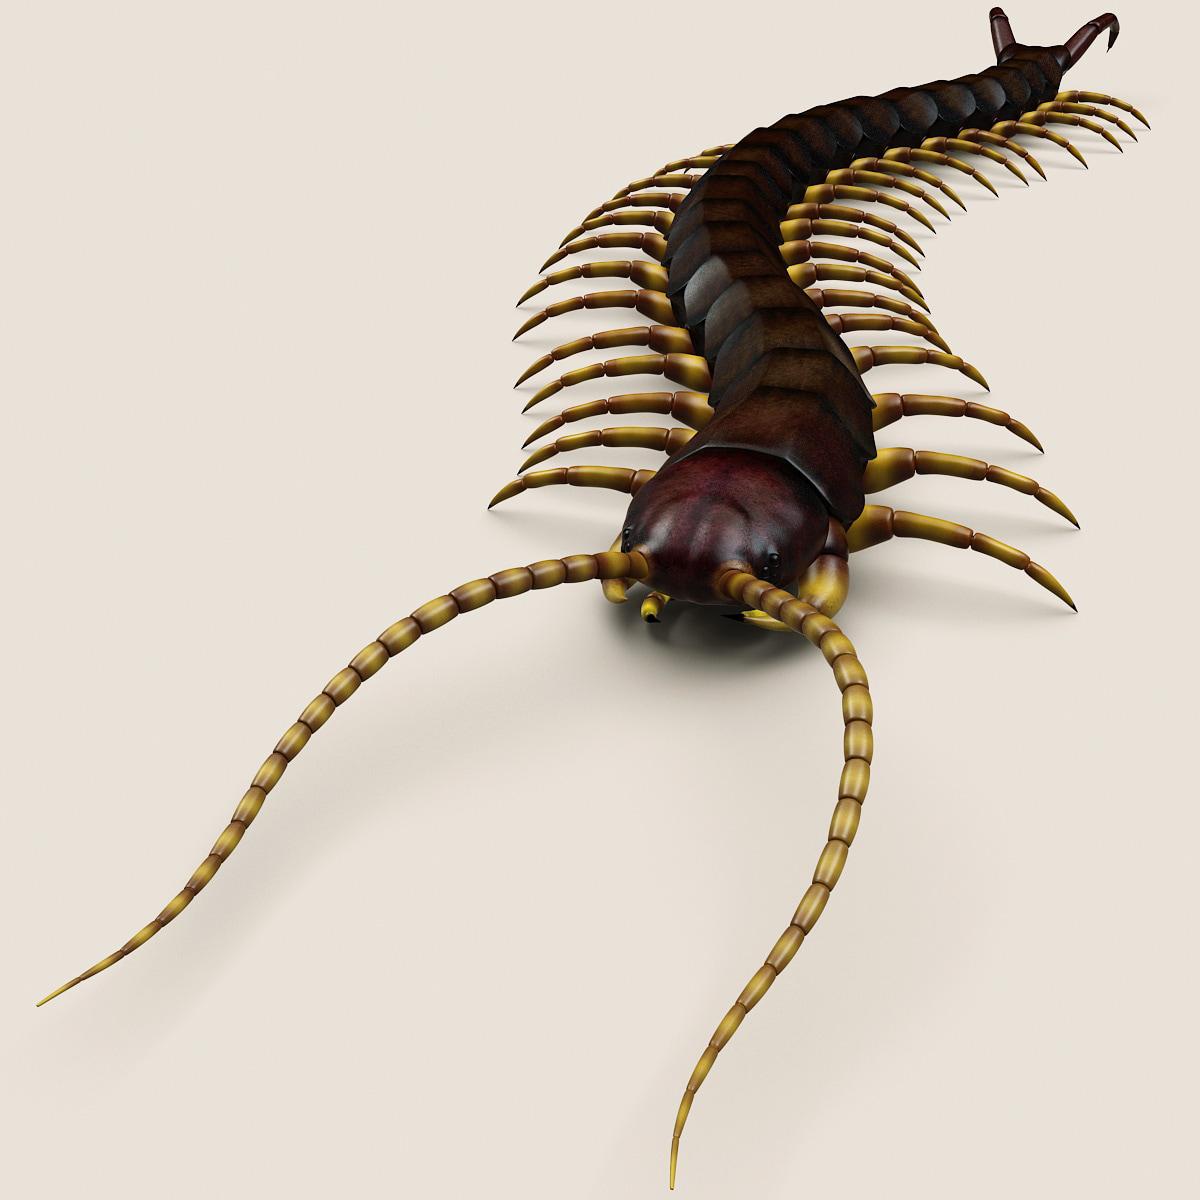 Centipede_V2_001.jpg